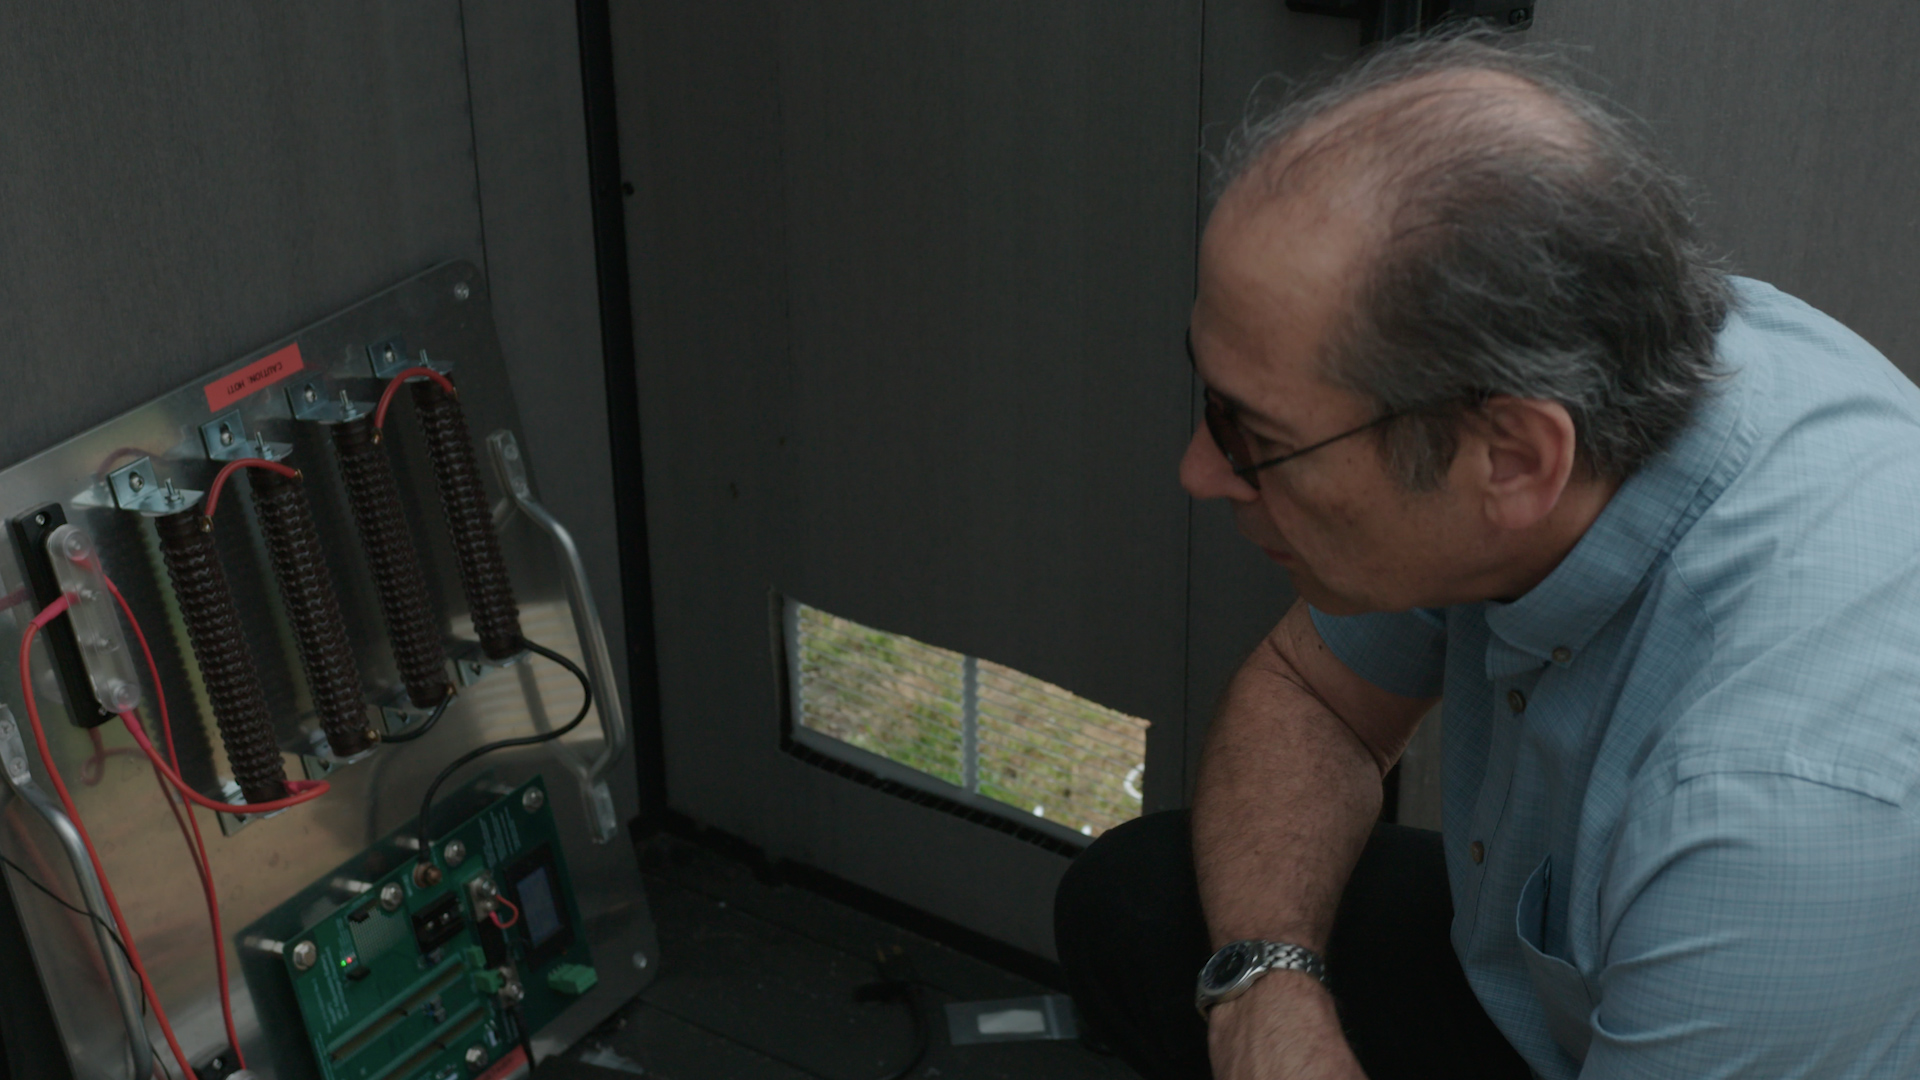 Kernahan looking at a solar panels.